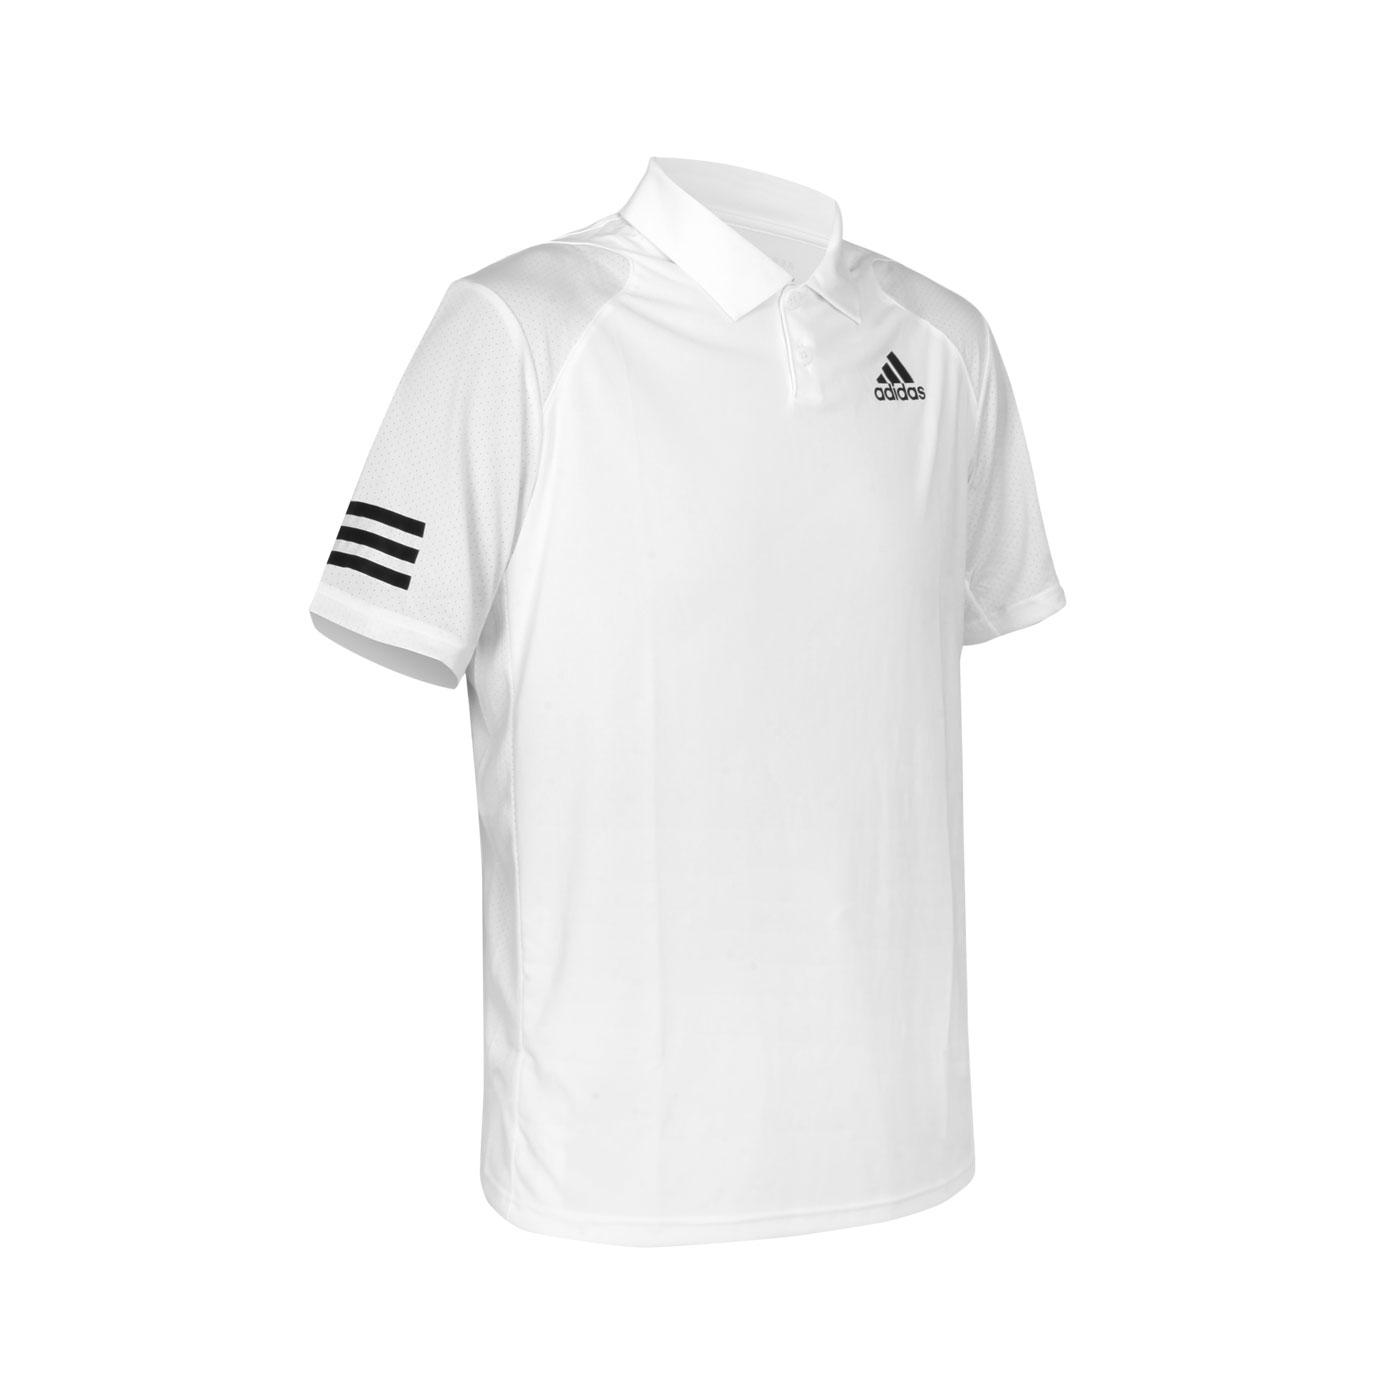 ADIDAS 男款短袖POLO衫 GL5416